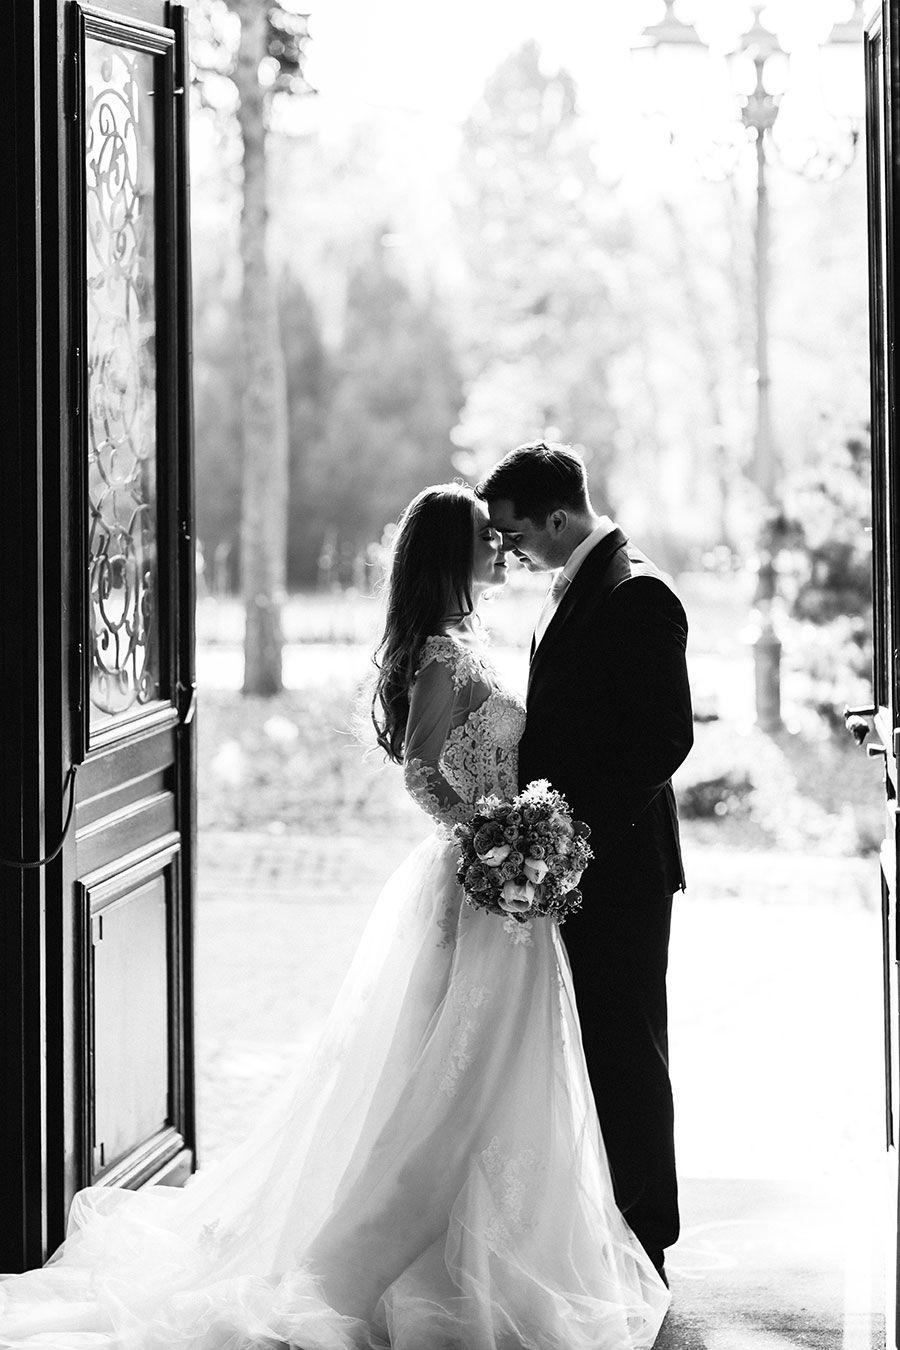 Ein After-Wedding-Shooting zum ersten Hochzeitstag von Christina & Alexey. Foto: Christina & Eduard Wedding Photography #balcony